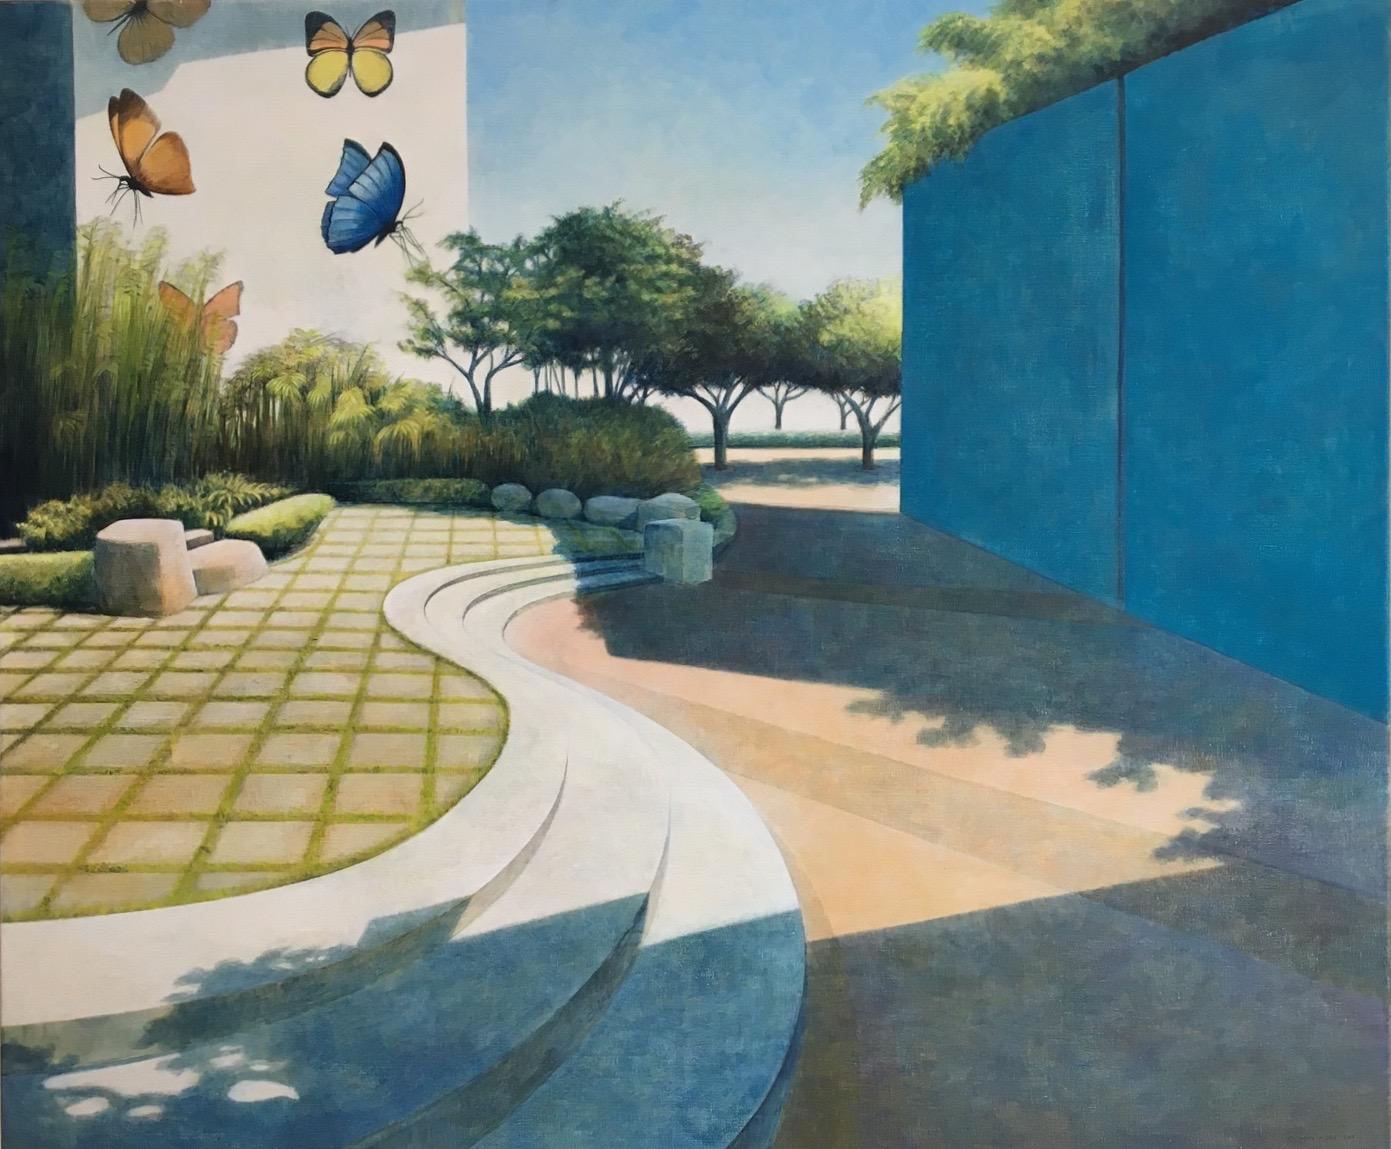 Marcel van Hoef schilderij 'Passage' is geschilderd met Eitempera op linnen. De afmetingen zijn 100 x 120 cm en is ingelijst in een nette witte lijst. De reguliere verkoopprijs is €. 4.500,- . Dit schilderij is speciaal ingekocht en kunnen we voor een speciale prijs aanbieden. Informeer naar de mogelijkheden.